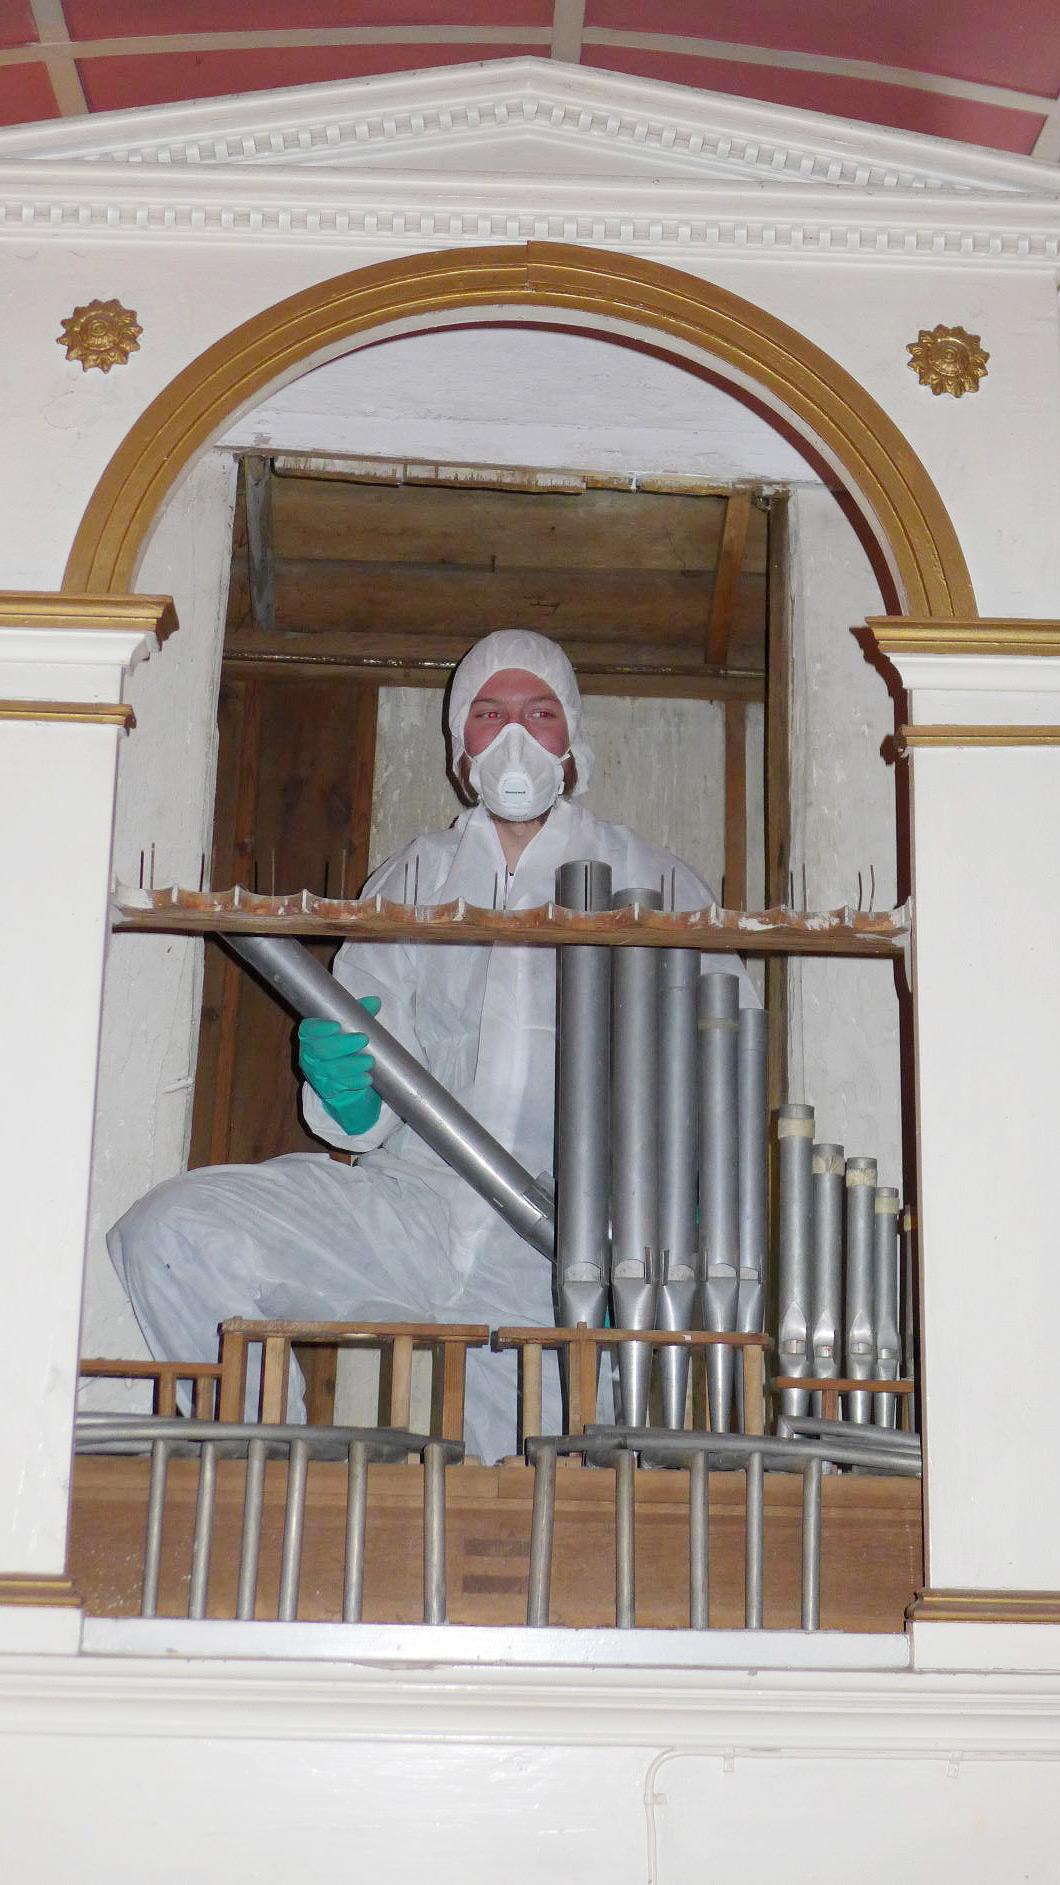 Monteur der Firma Schuke im vollschutz gegen DDT mit Orgelpfeifen - Eselpilgerlichtkirche Neuendorf